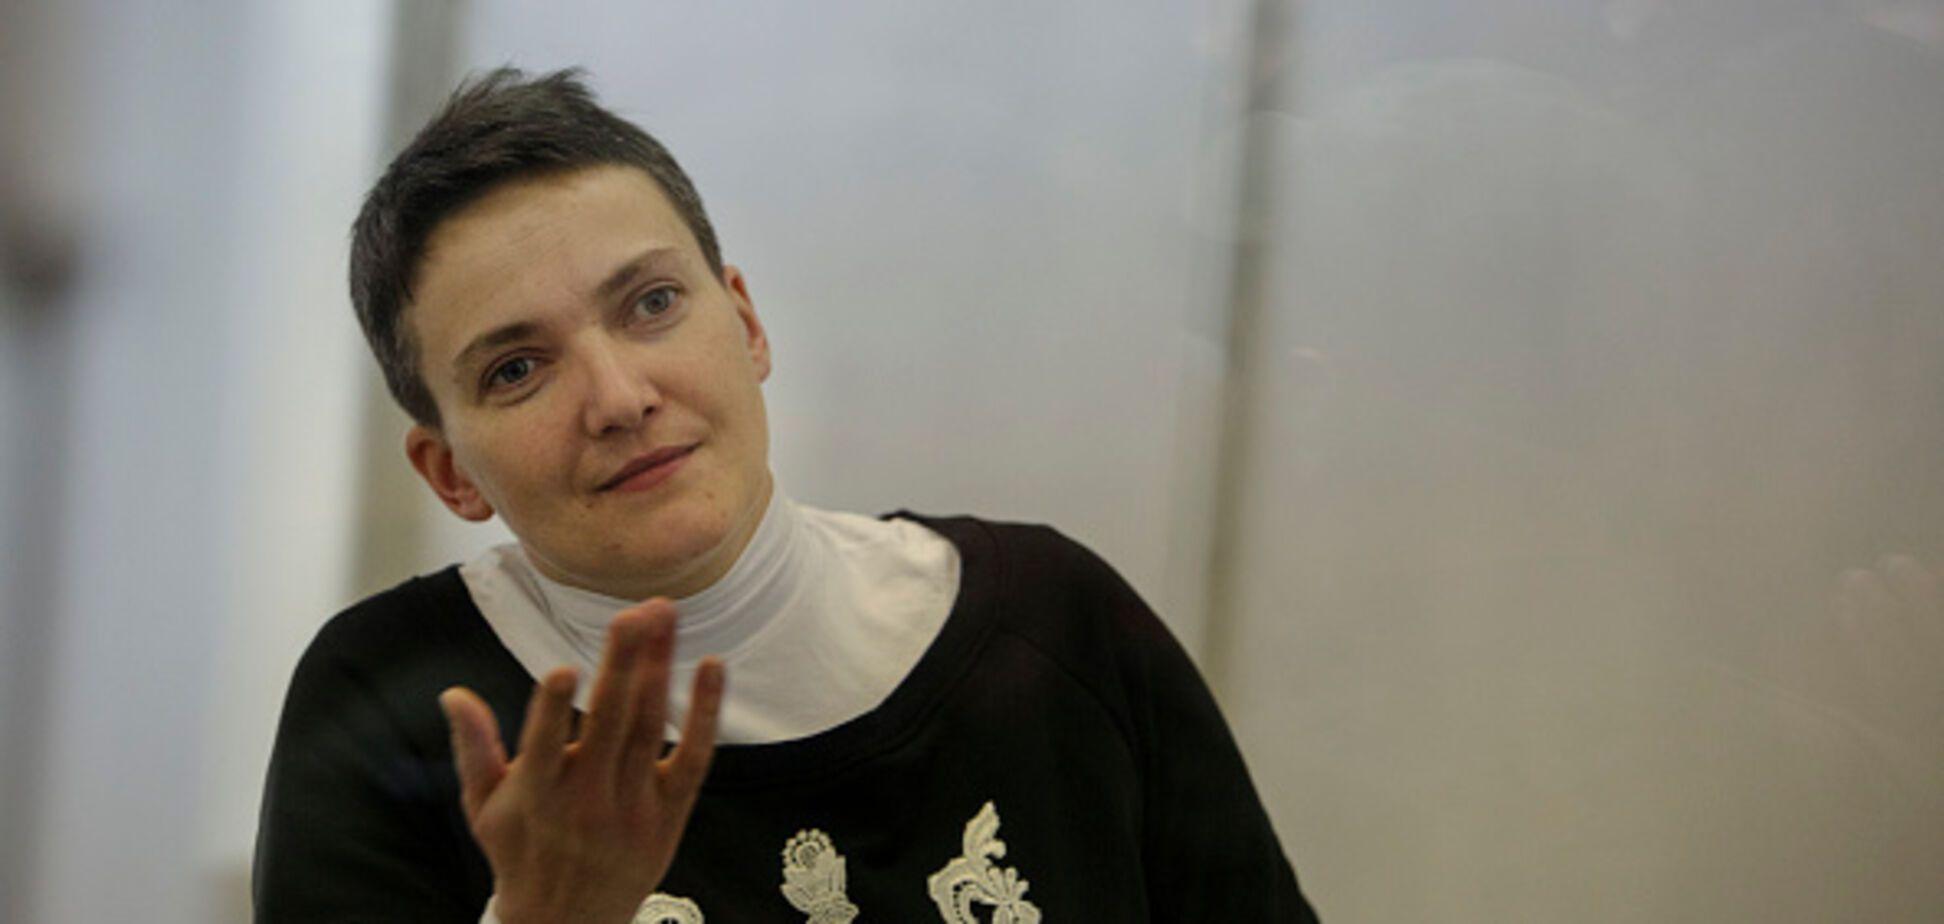 Хотіла підставити Кремль: Піскун розкрив мету терактів Савченко